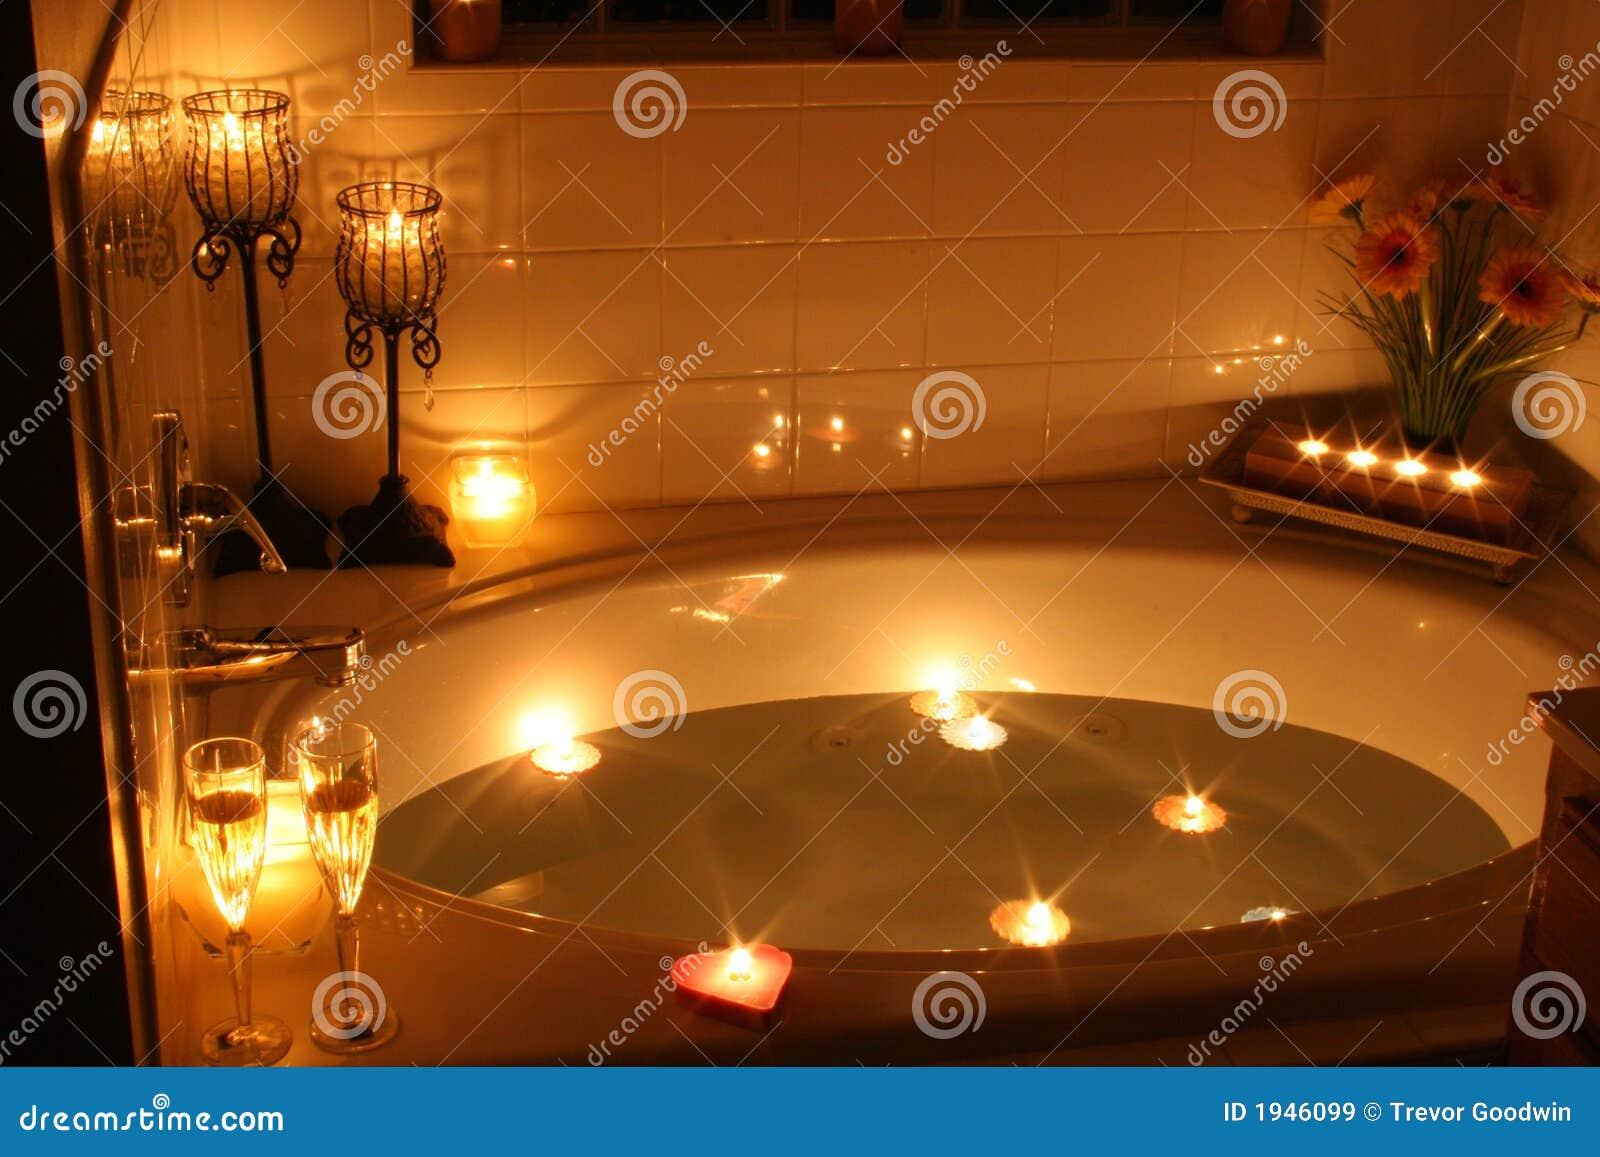 Bagno di lume di candela immagini stock libere da diritti - Candele da bagno ...